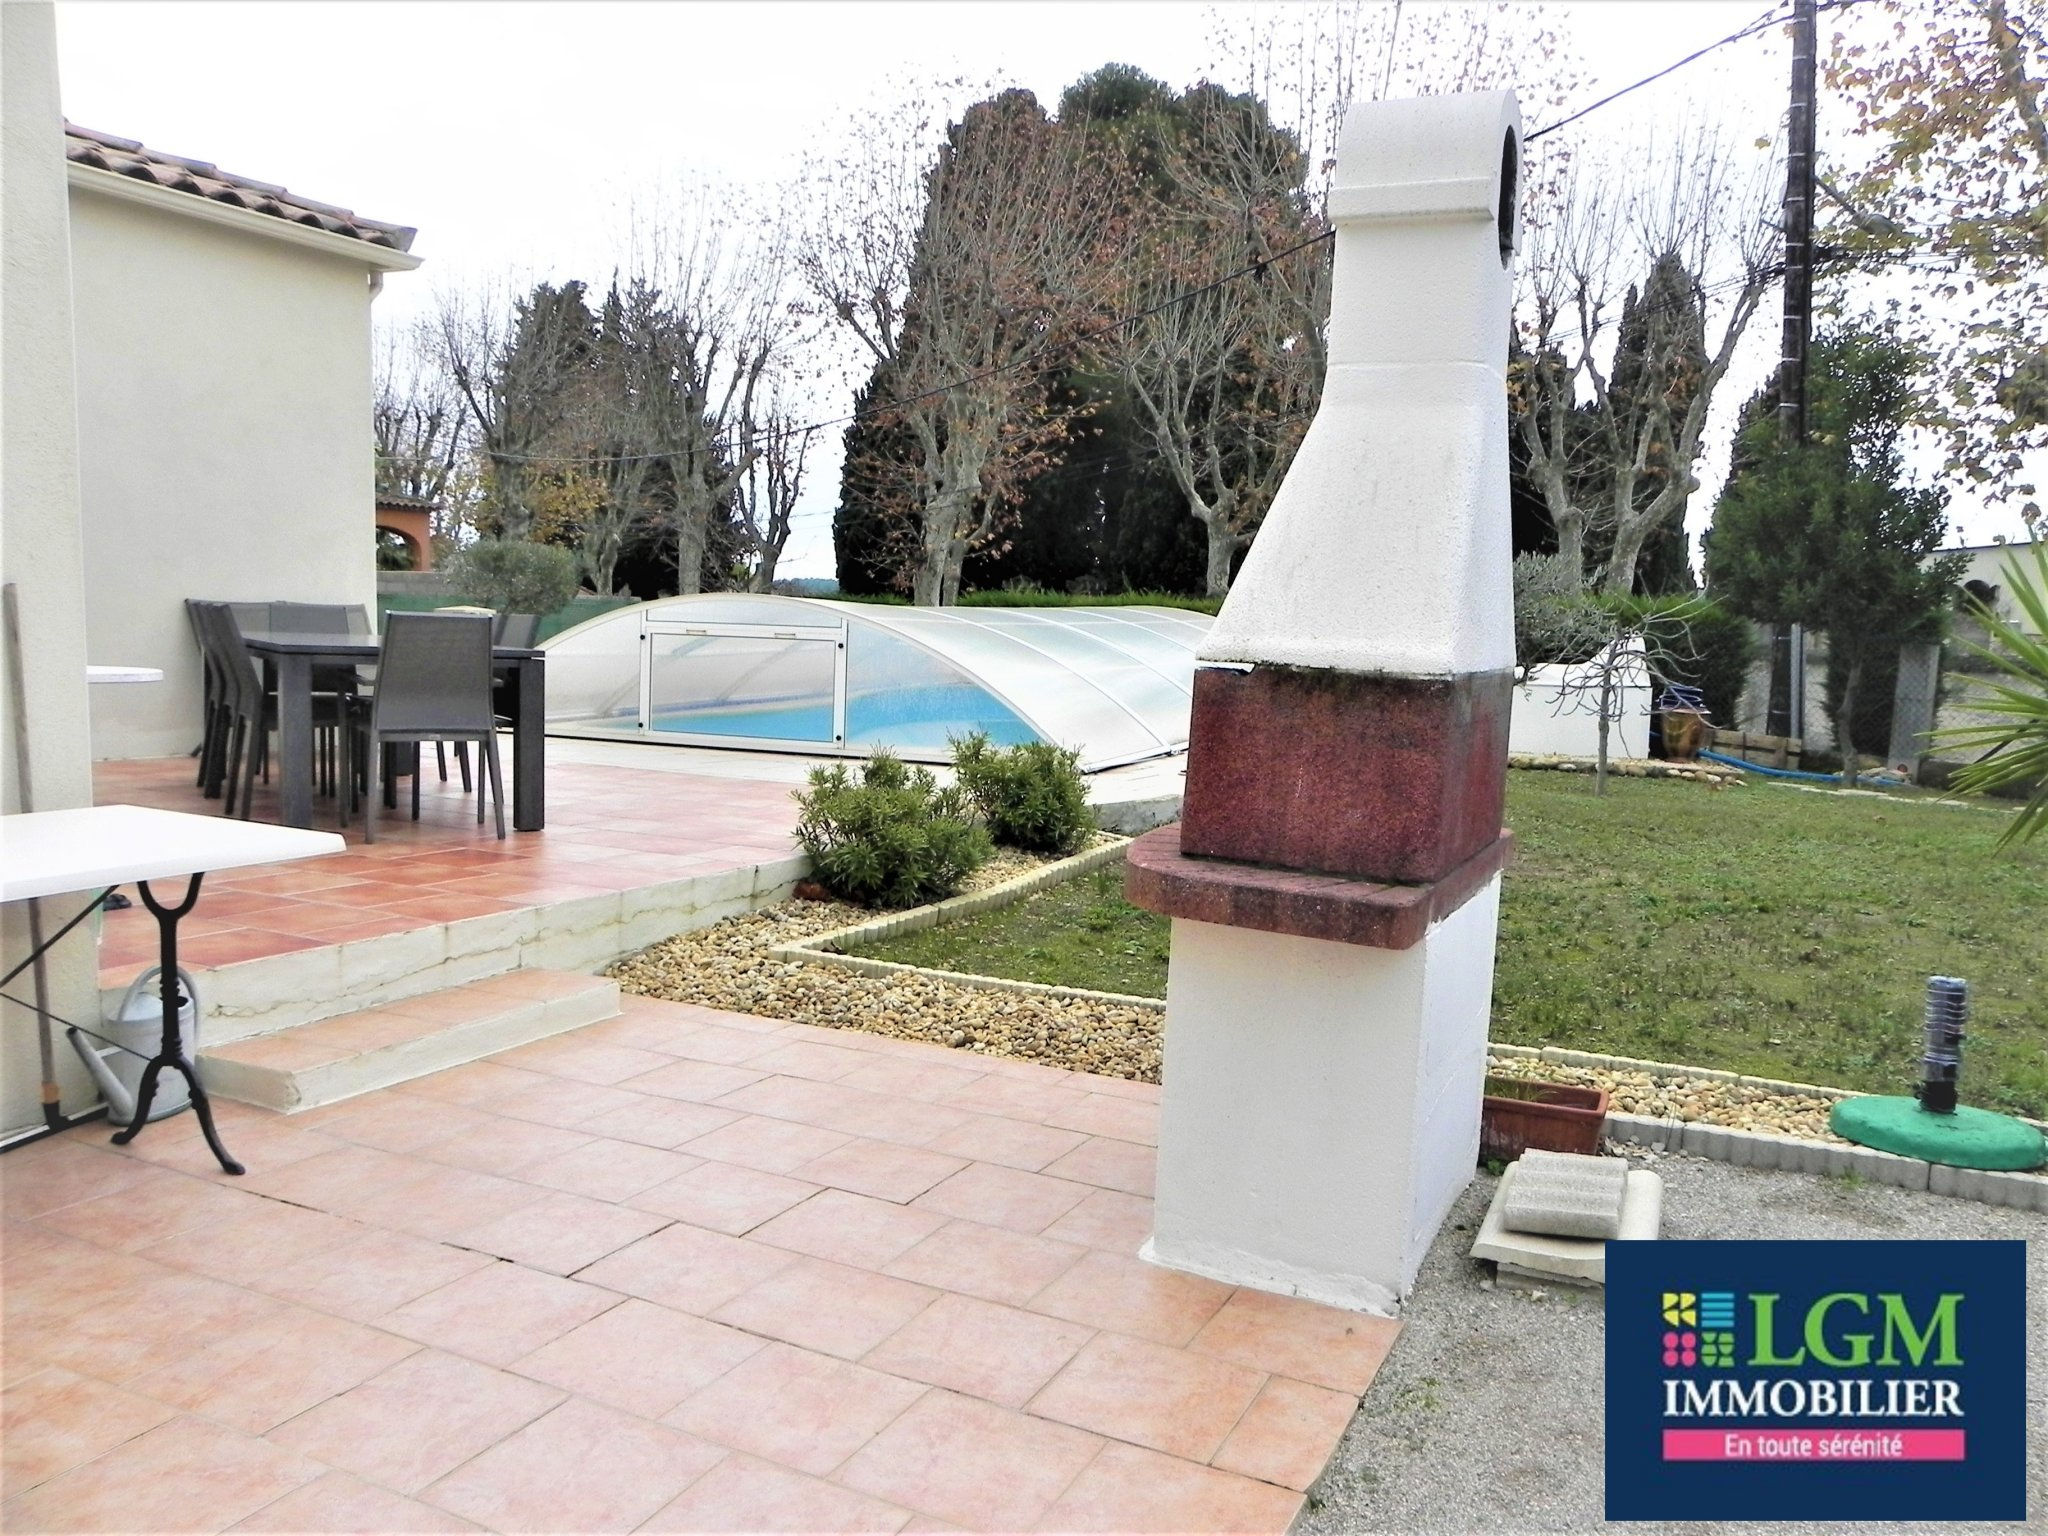 Jolie Villa 5 Pièces Avec Piscine – Lgm Immobilier destiné Piscine St Mathieu De Treviers